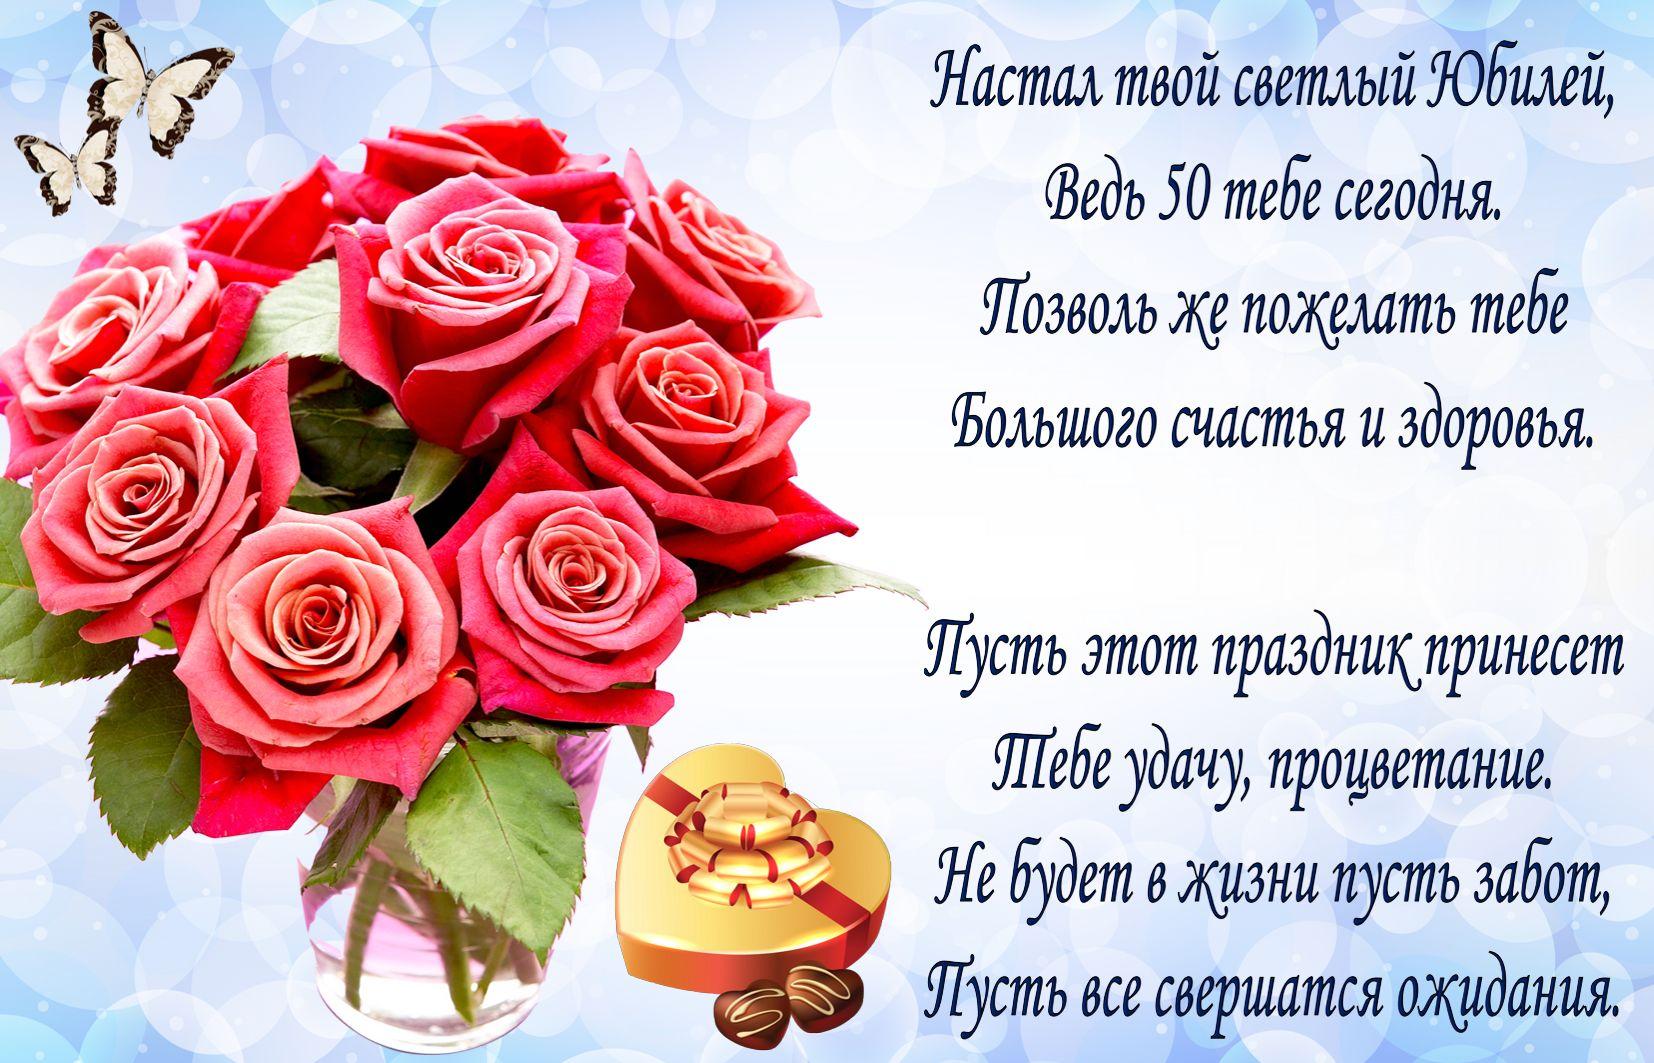 Открытка на юбилей 50 лет - пожелание и букет красных роз в вазе